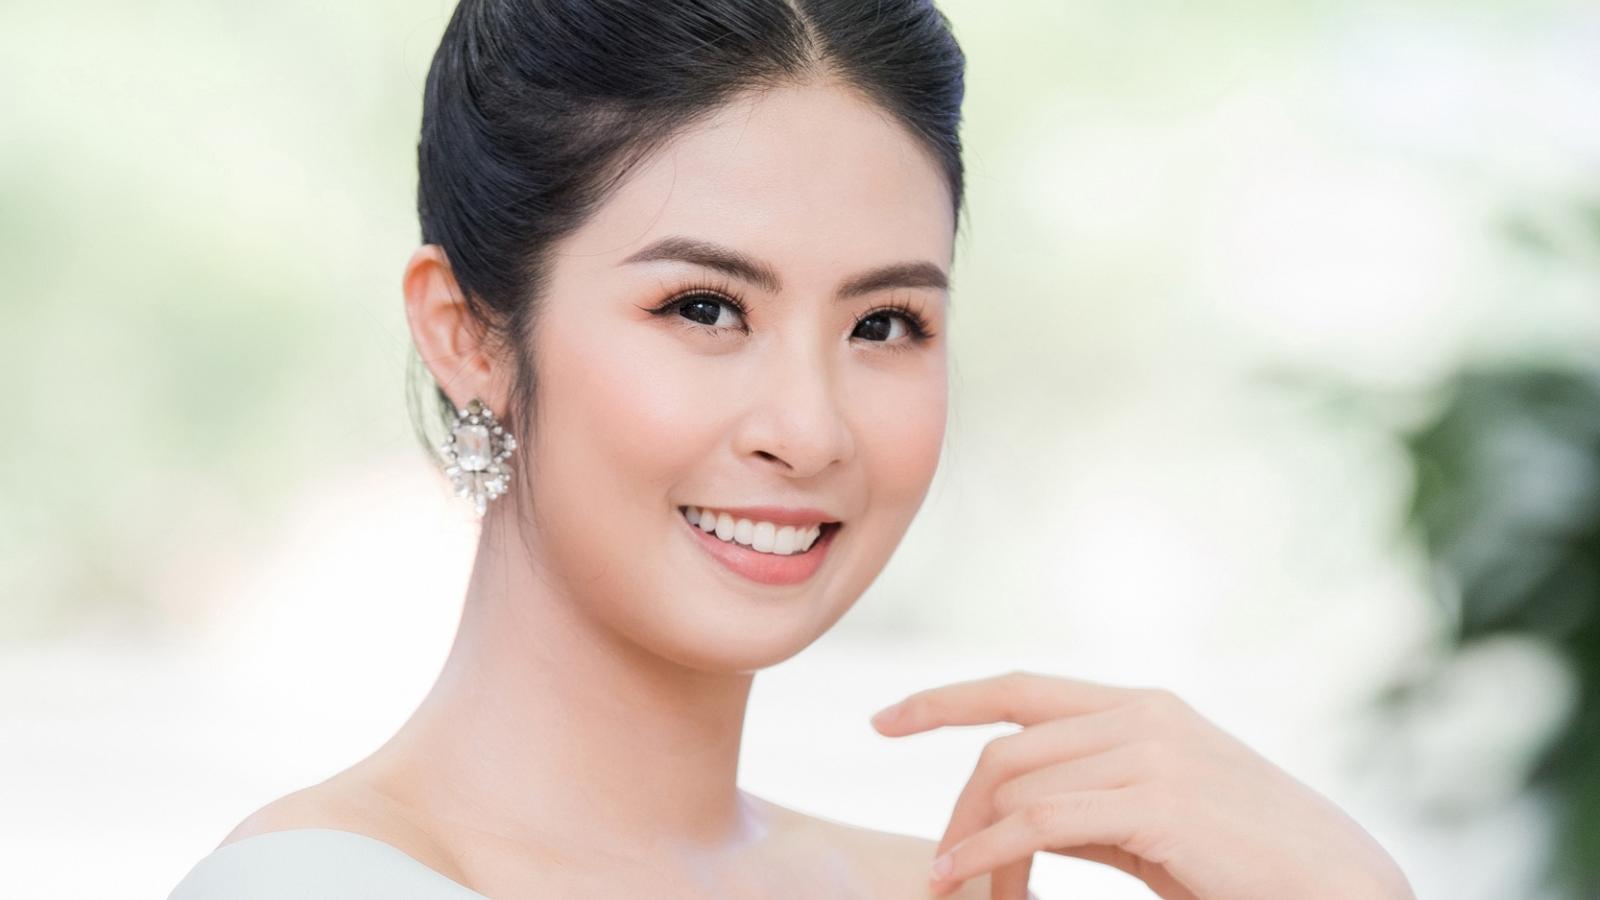 """Hoa hậu Ngọc Hân: """"Tôi hoãn cưới đến khi cảm thấy thật sự an toàn"""""""